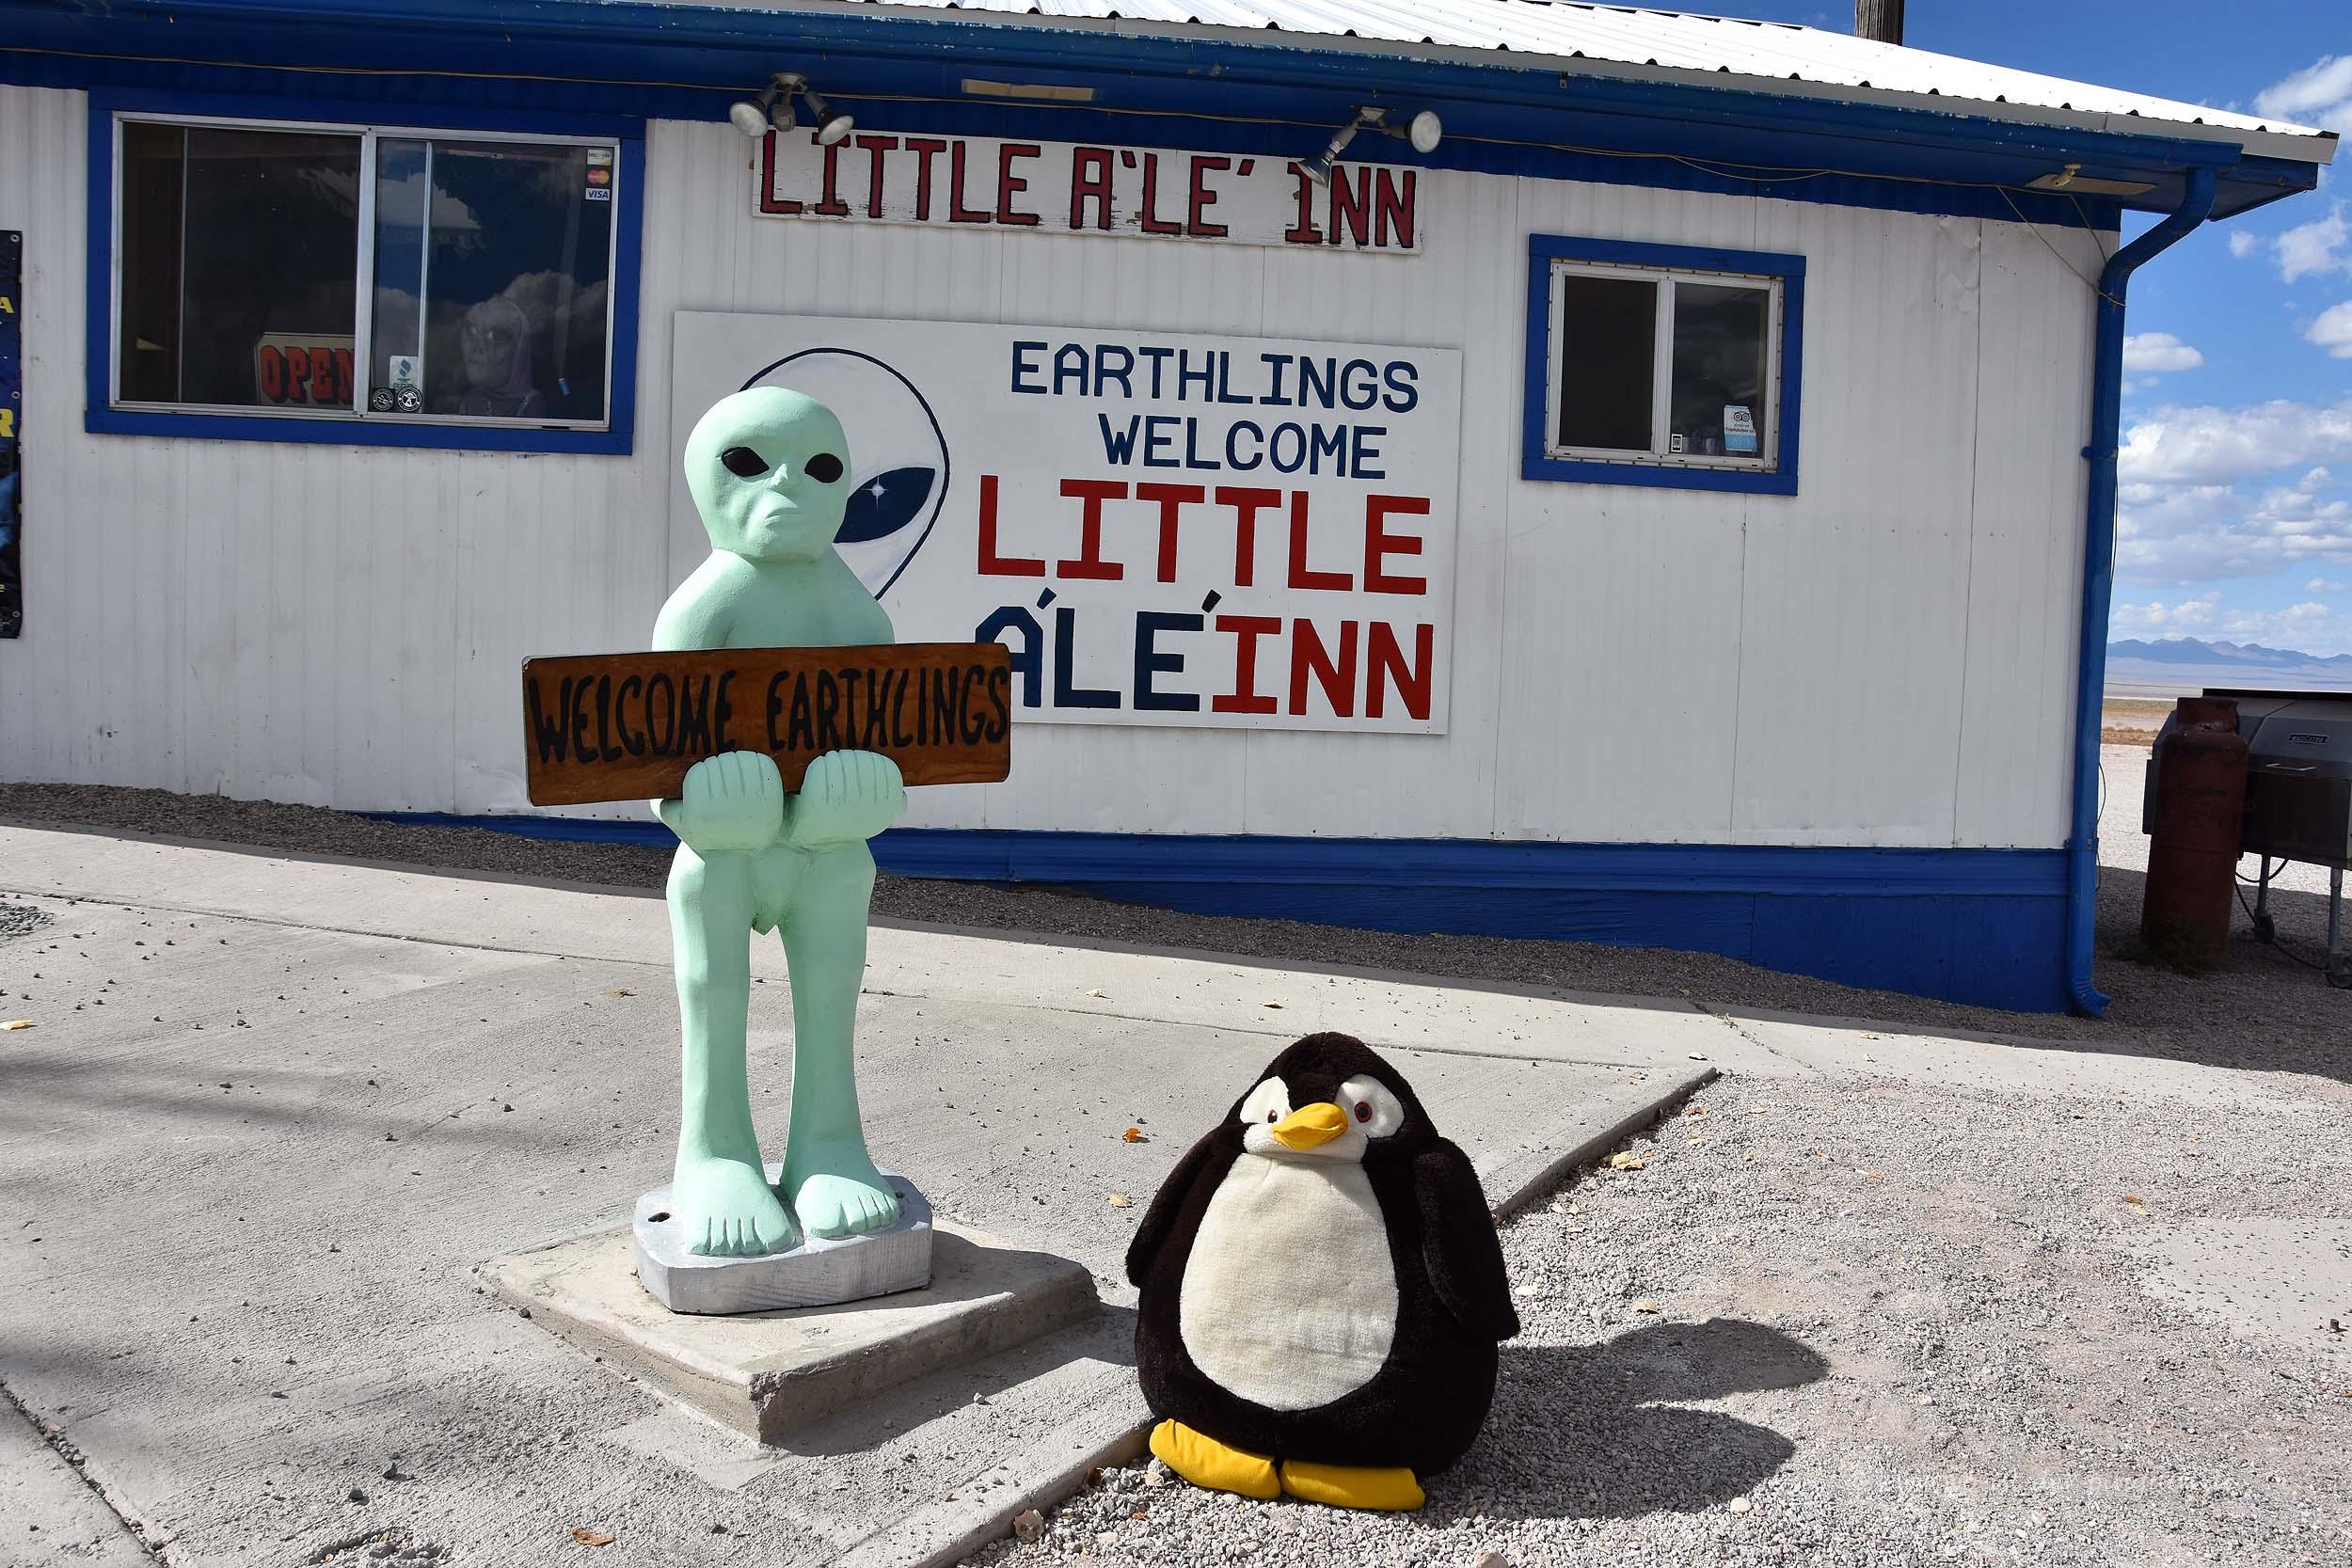 ET Highway am Little Aleinn